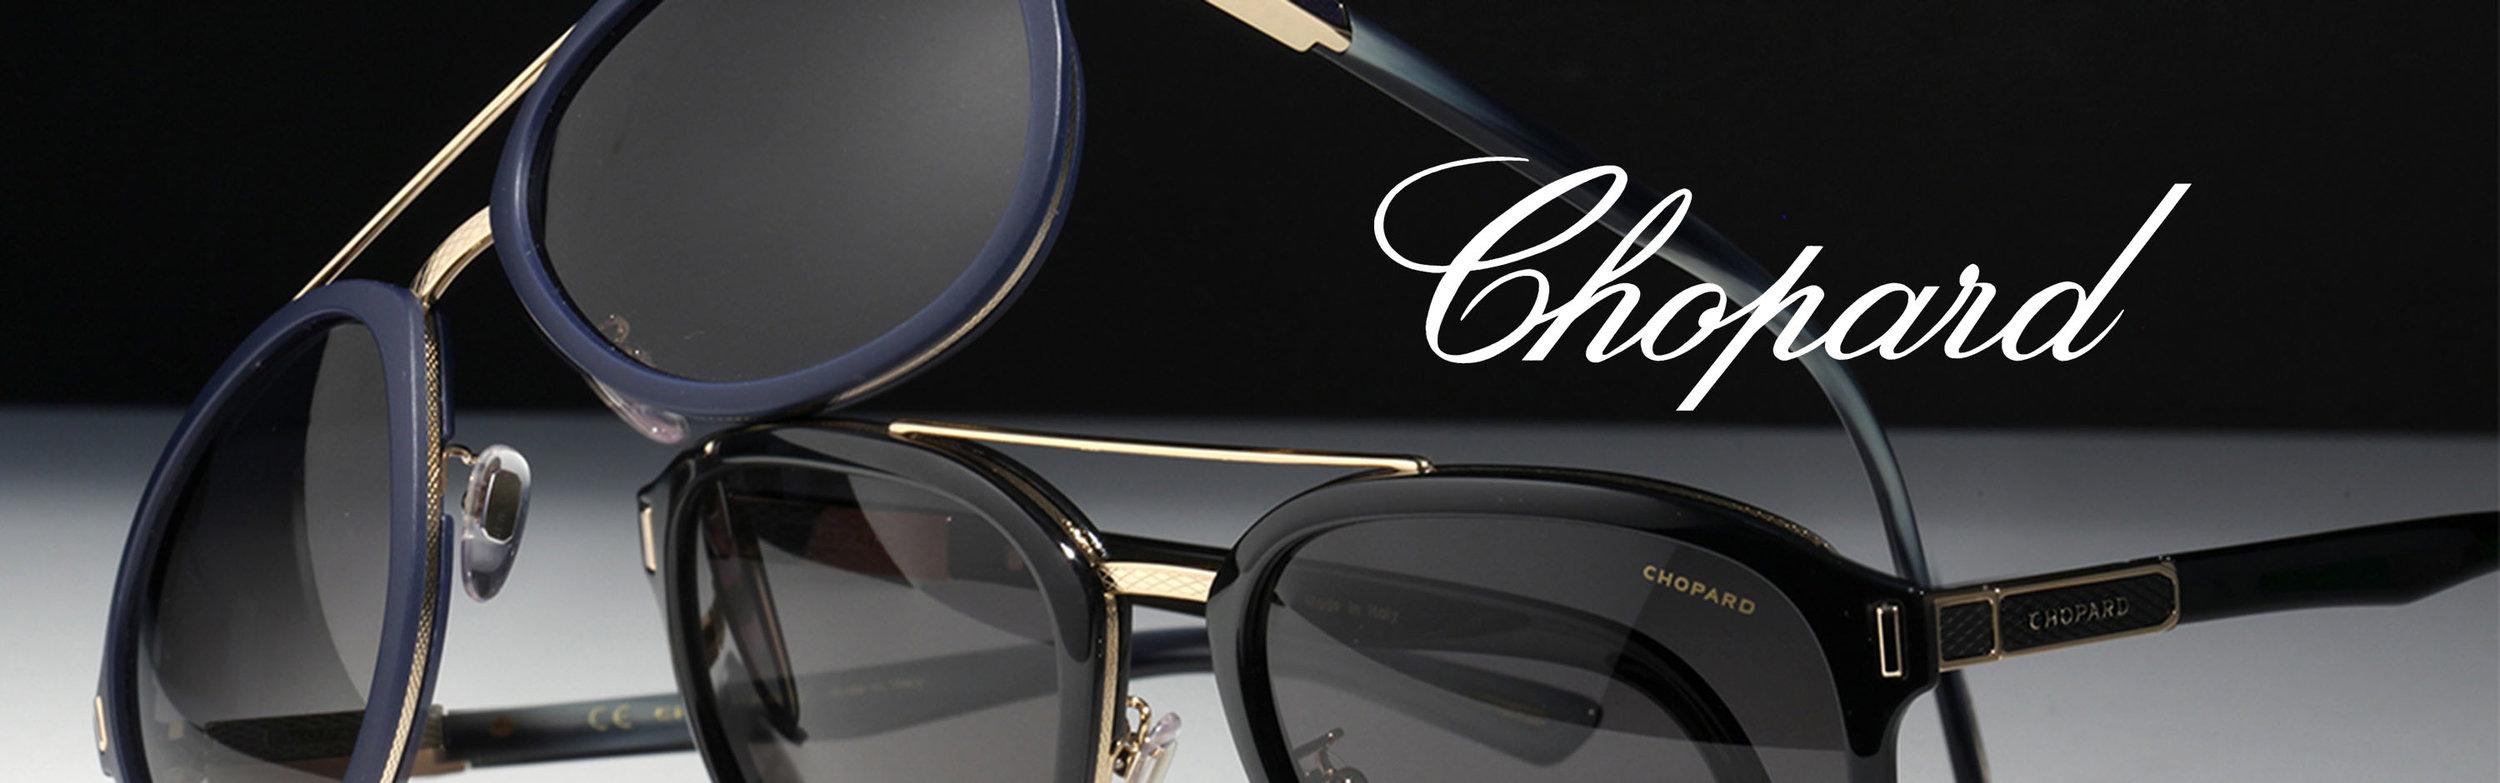 Chopard-Banner.jpg